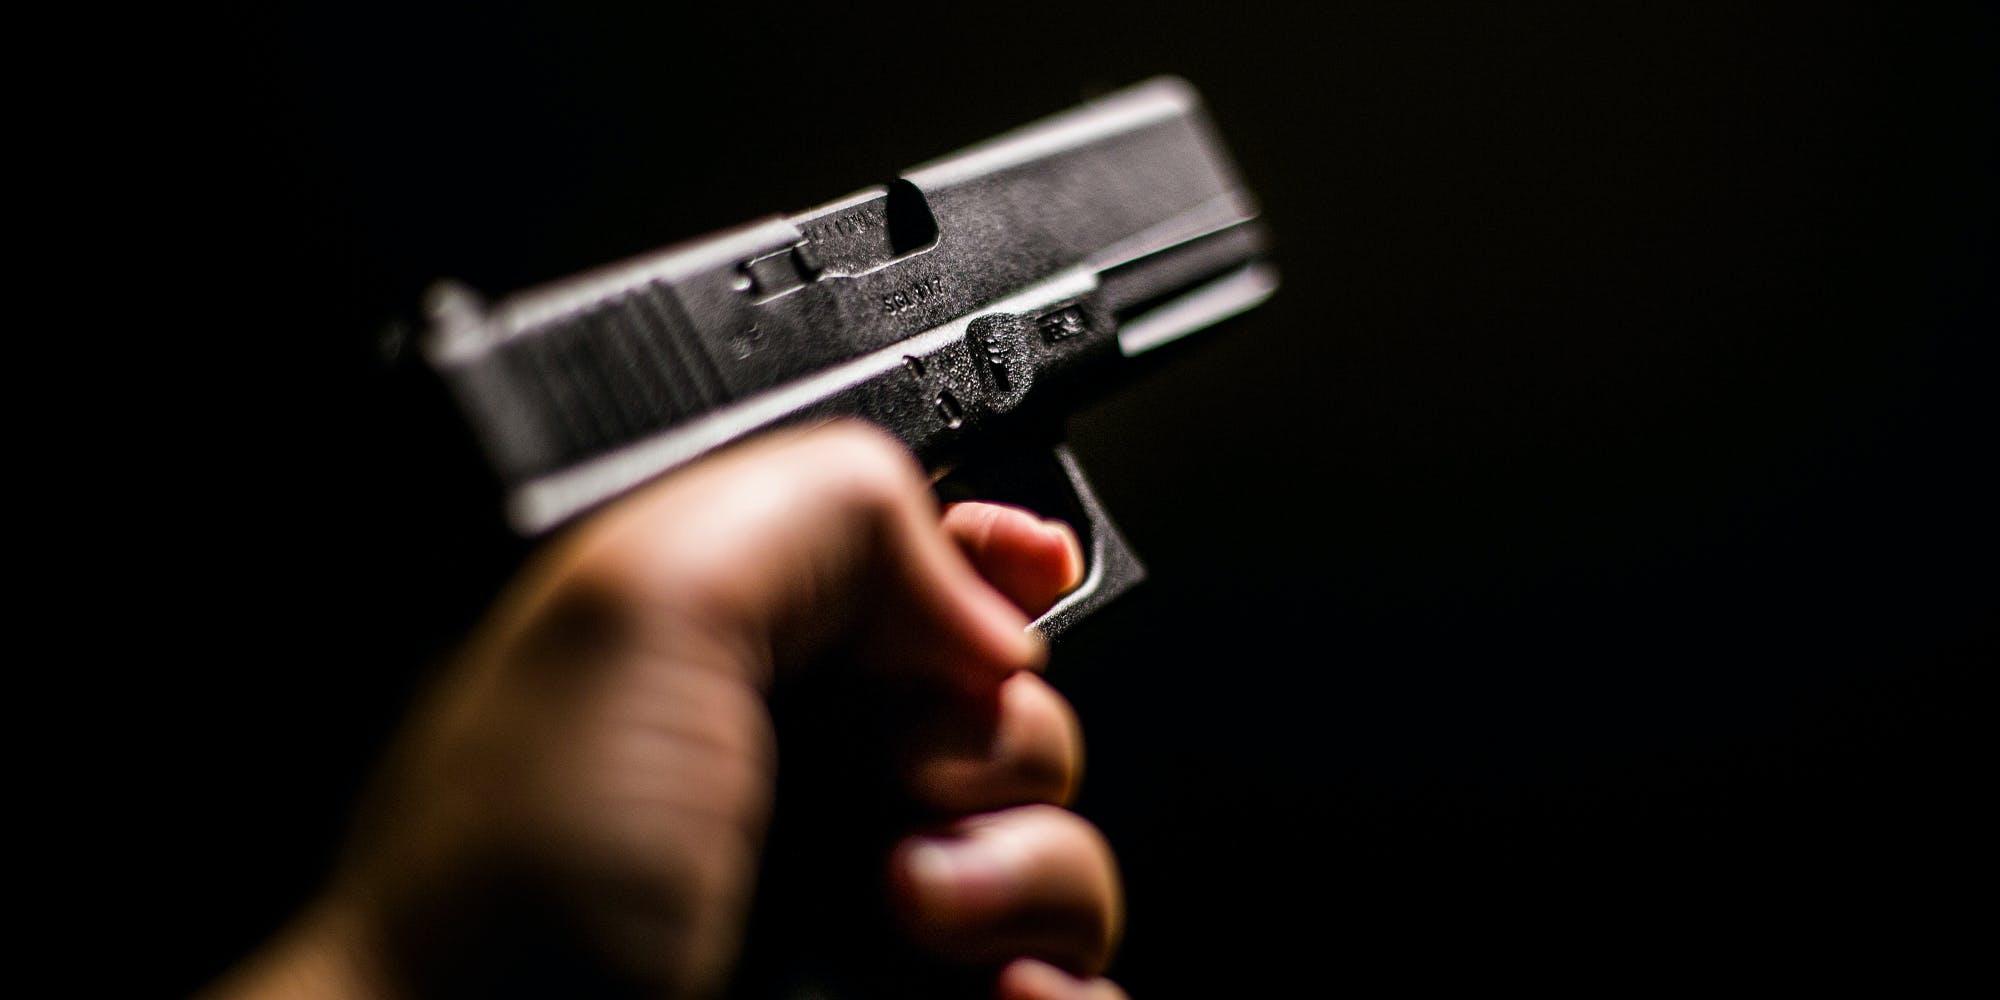 Indiana Mengubah RUU CBD Menjadi Undang-Undang Untuk Mempermudah Akses Senjata